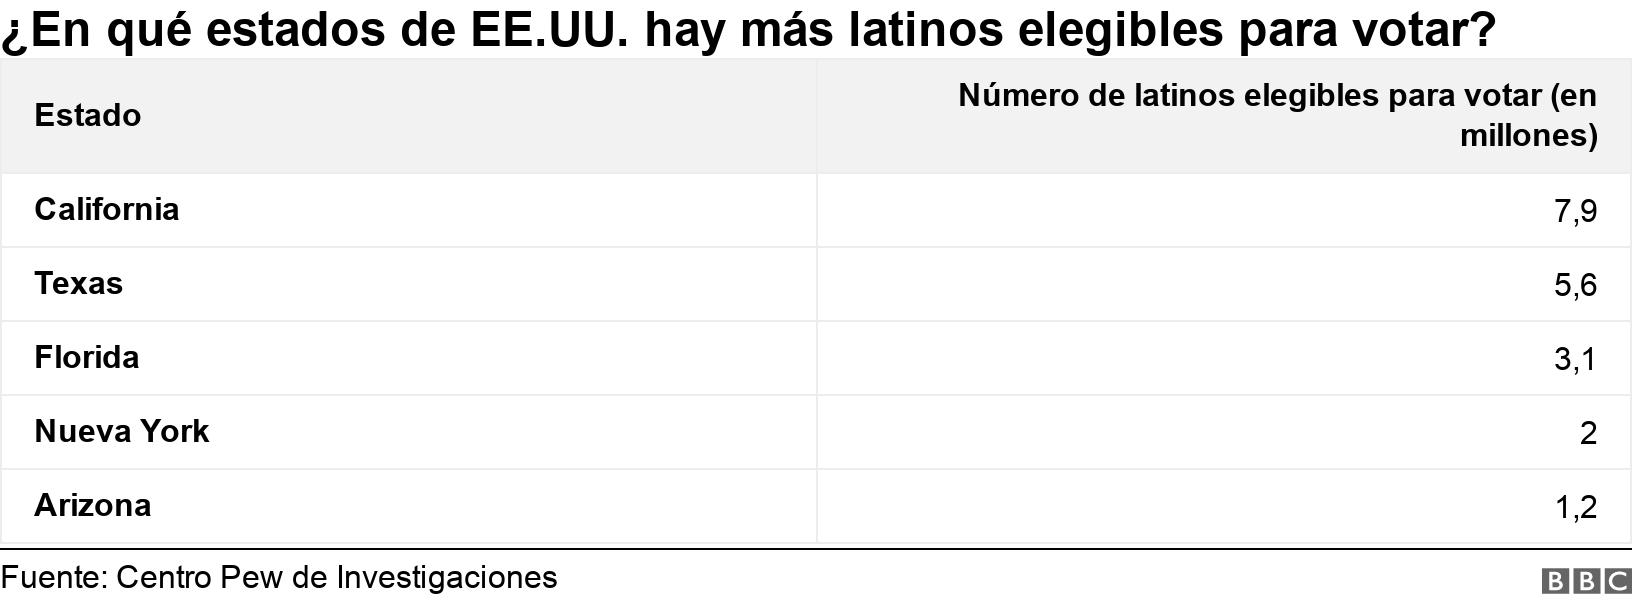 ¿En qué estados de EE.UU. hay más latinos elegibles para votar?. .  .